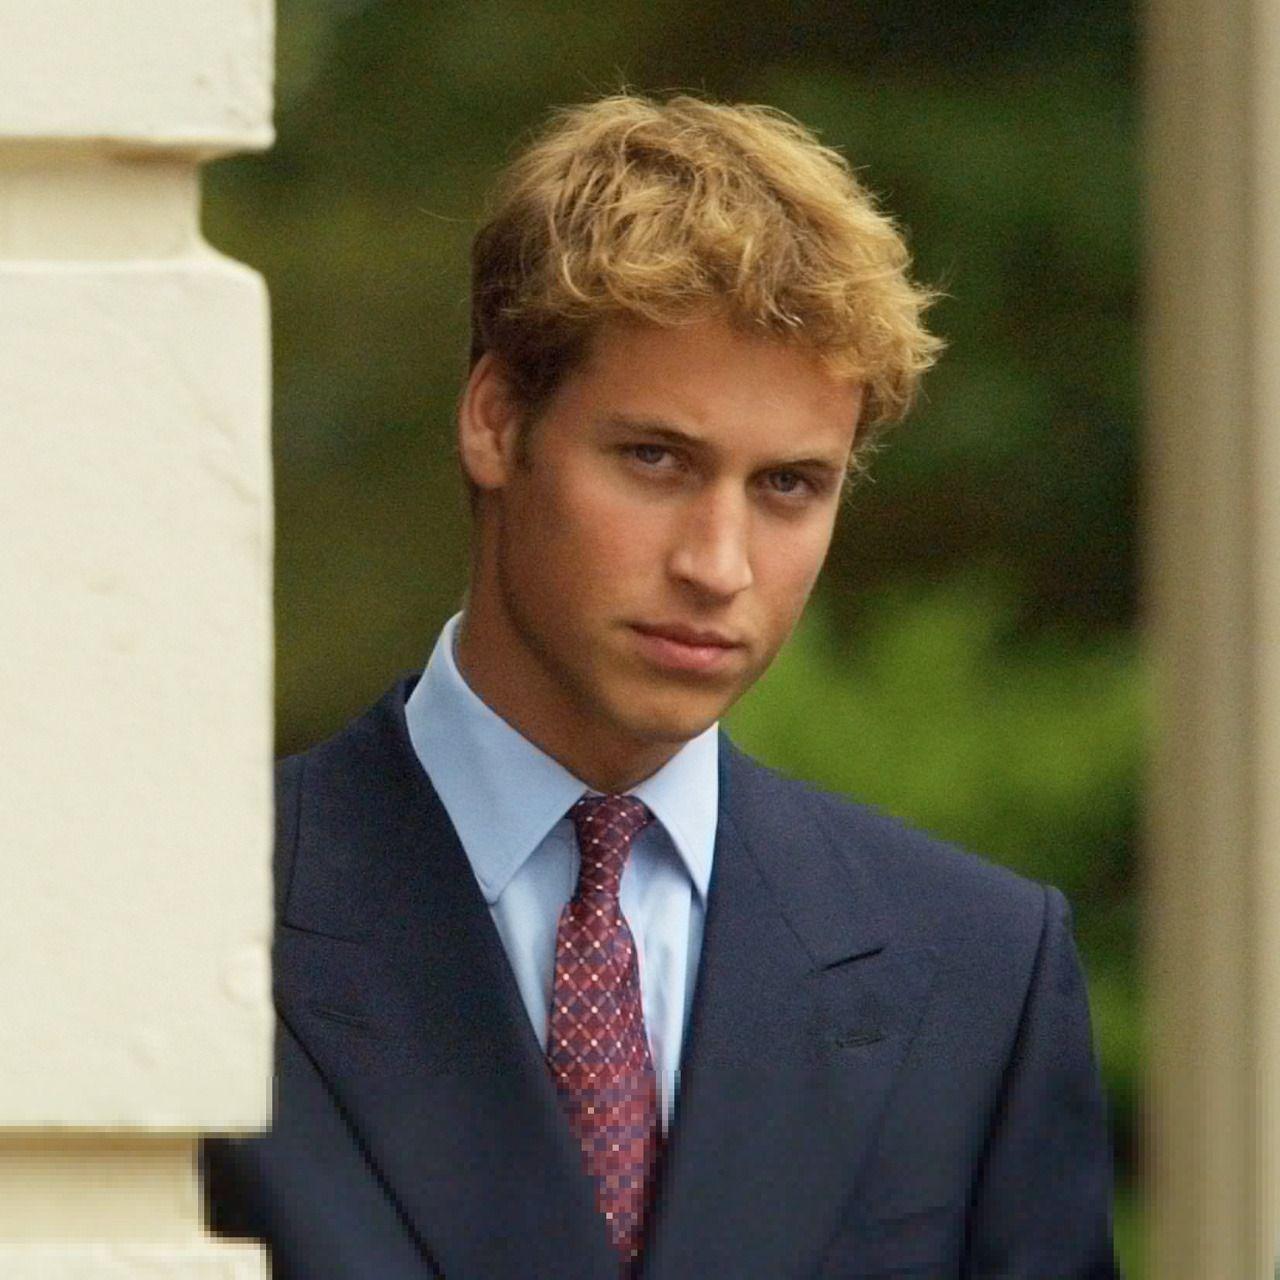 The Best Principe William Jovem